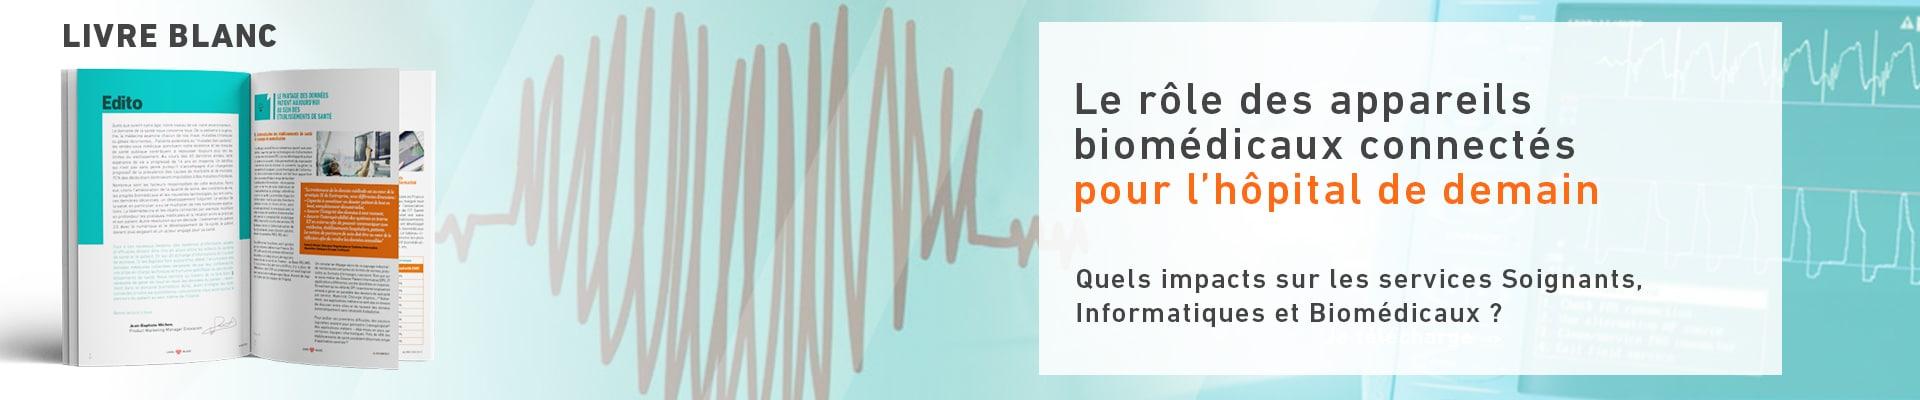 Le rôle des appareils biomédicaux connectés